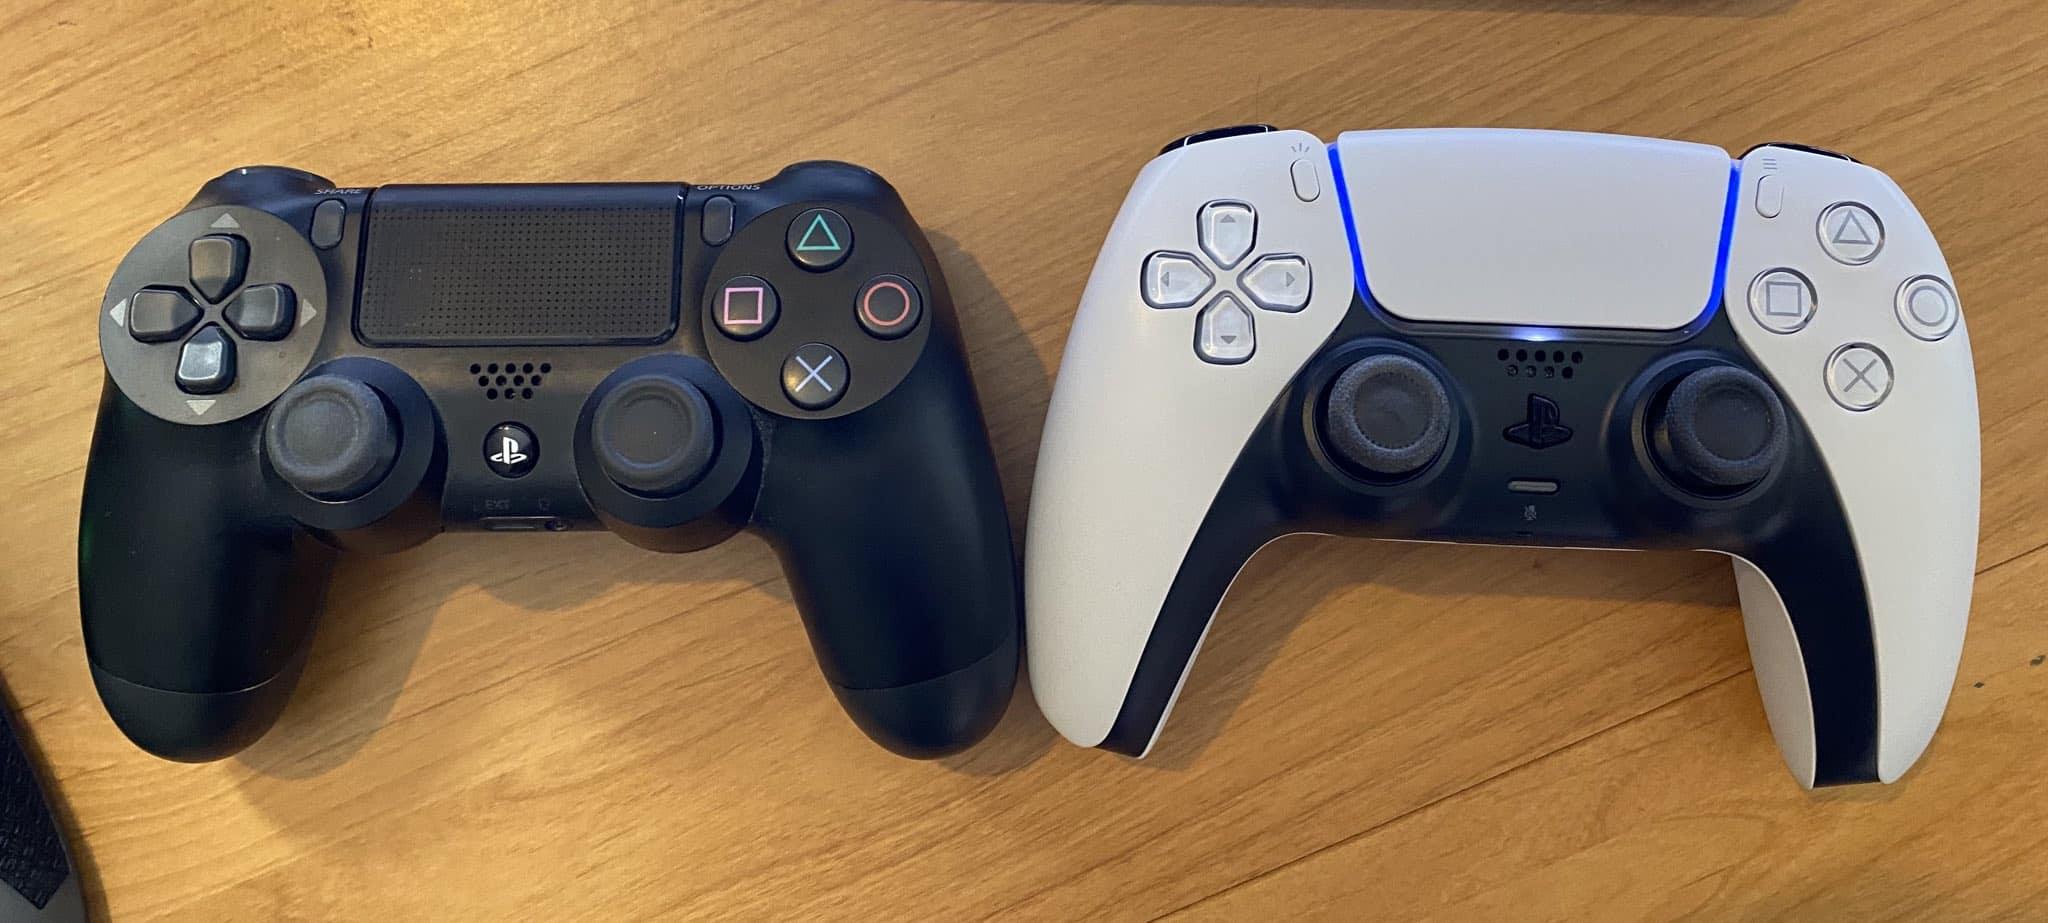 DualShock 4 DualSense